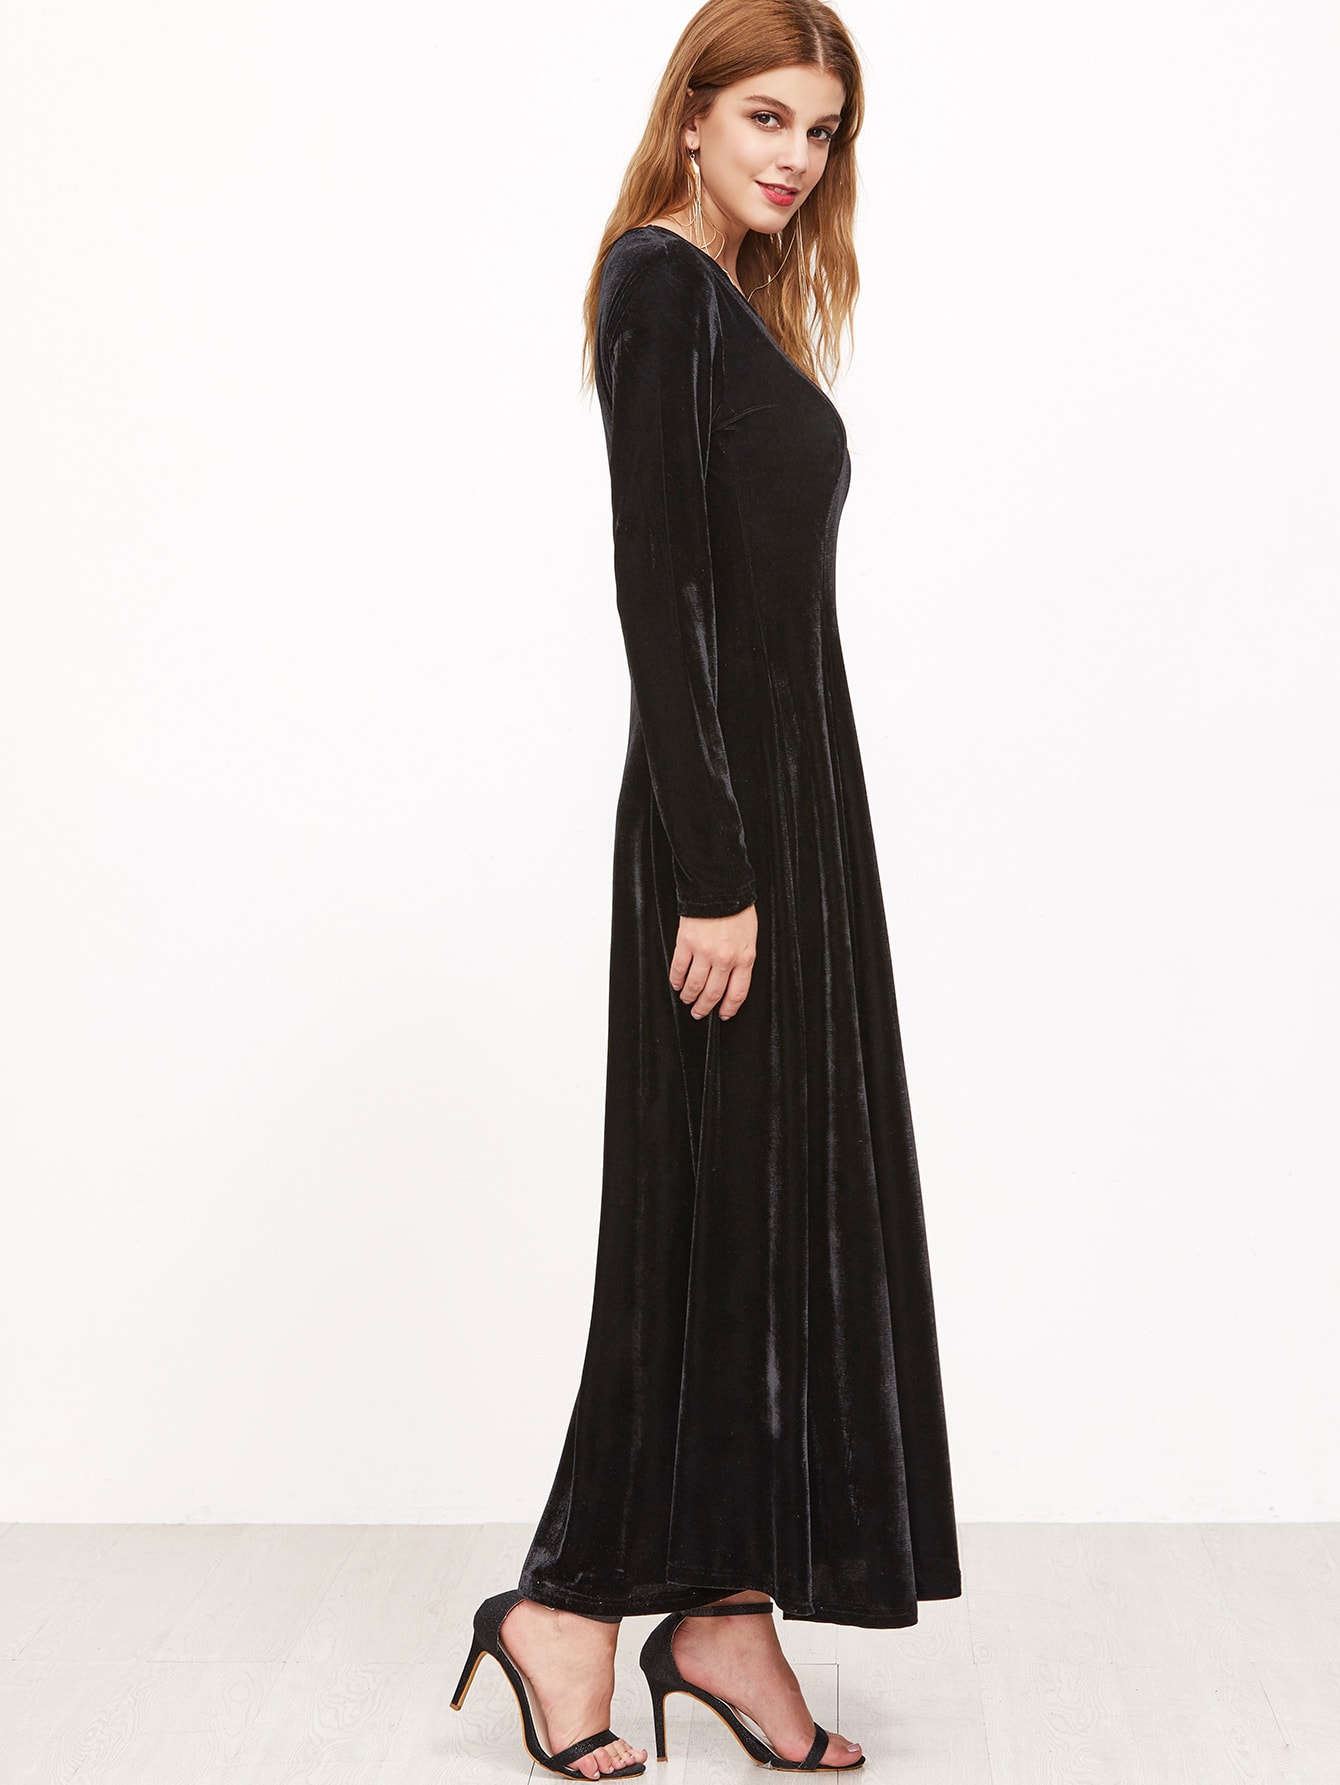 dress161031402_2